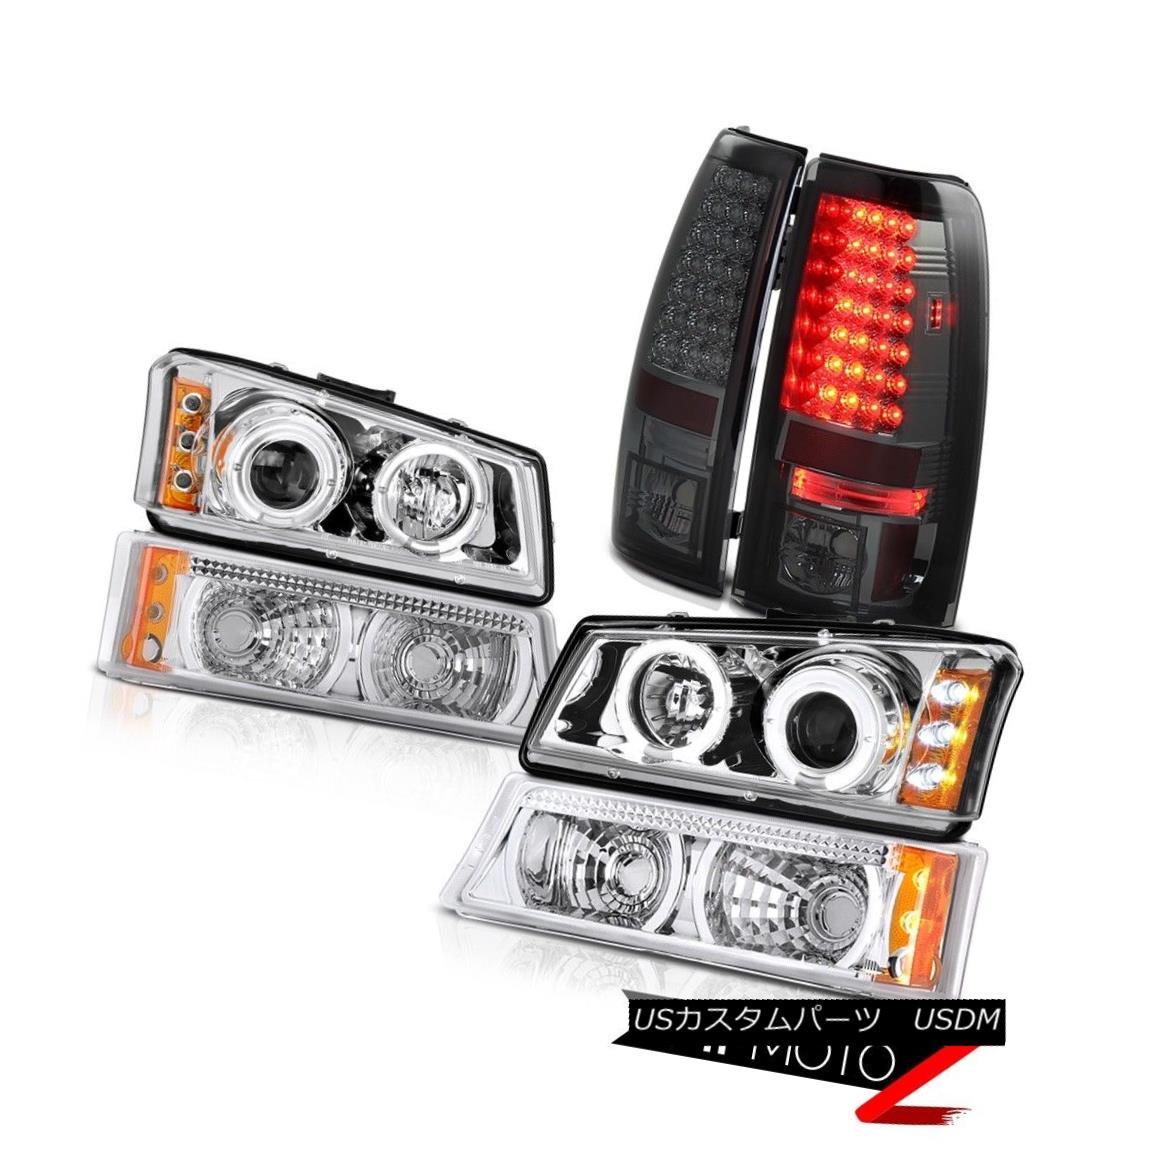 テールライト Euro Halo LED Headlights Sterling Chrome Parking Tail Light 03-06 Silverado 1500 ユーロHalo LEDヘッドライトスターリングクロムパーキングテールライト03-06 Silverado 1500